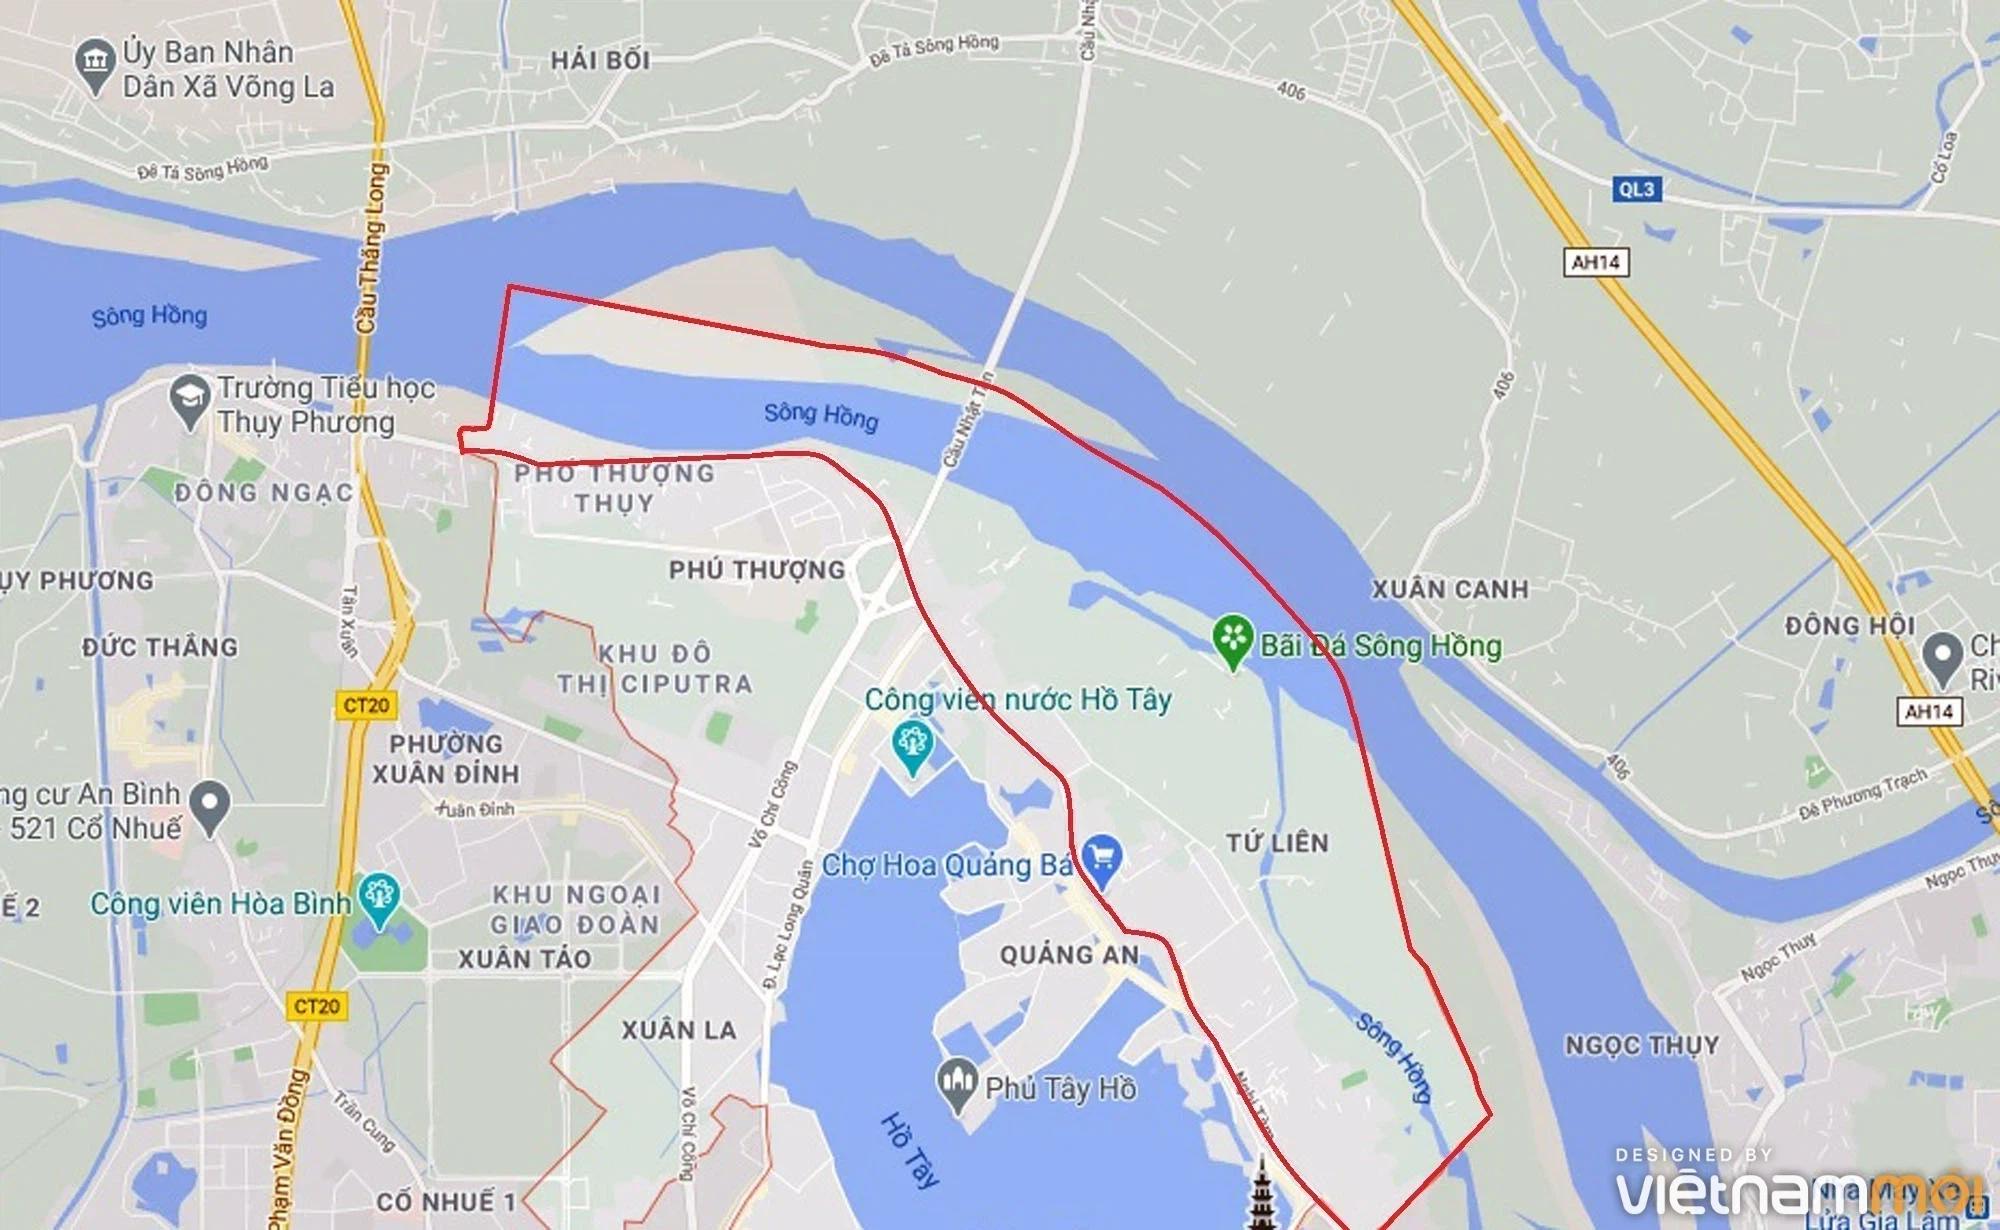 Toàn cảnh hiện trạng Phân khu đô thị sông Hồng trên địa bàn quận Tây Hồ - Ảnh 1.